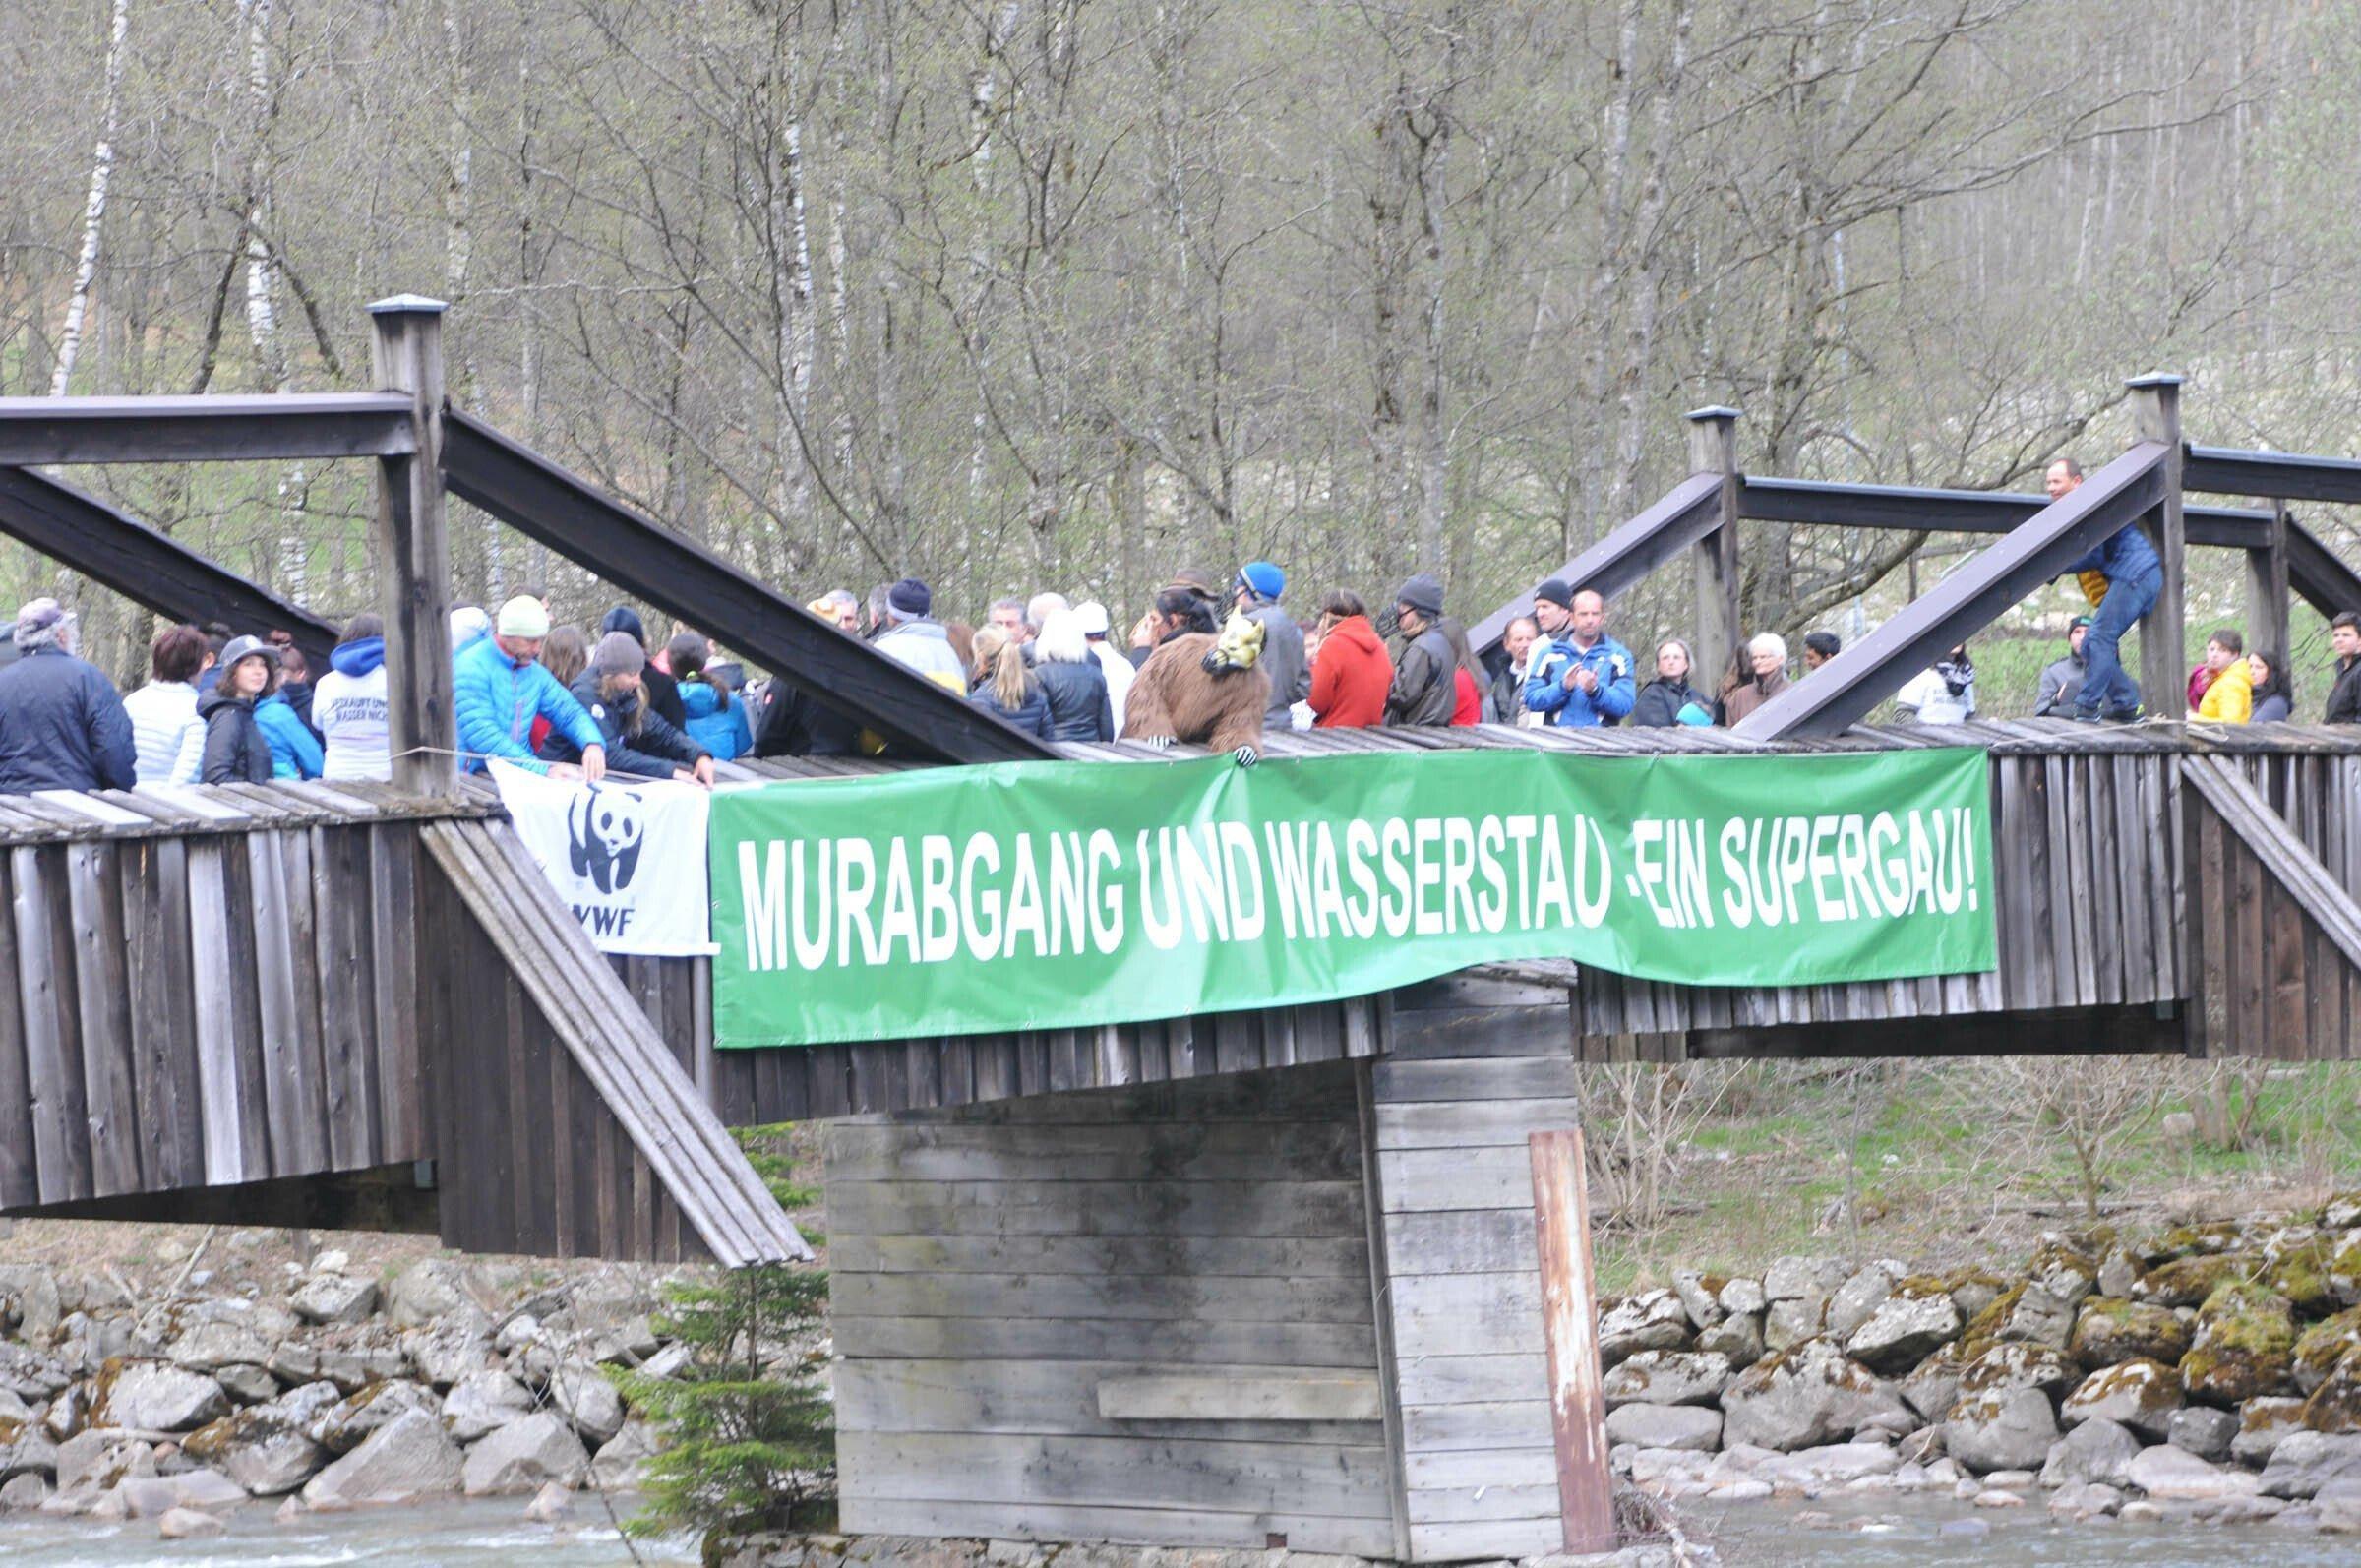 Demonstranten auf alter Holzbrücke, auf der ein grünes Transparent hängt mit dem Text: Murabgang und Wasserstand – ein Supergau!